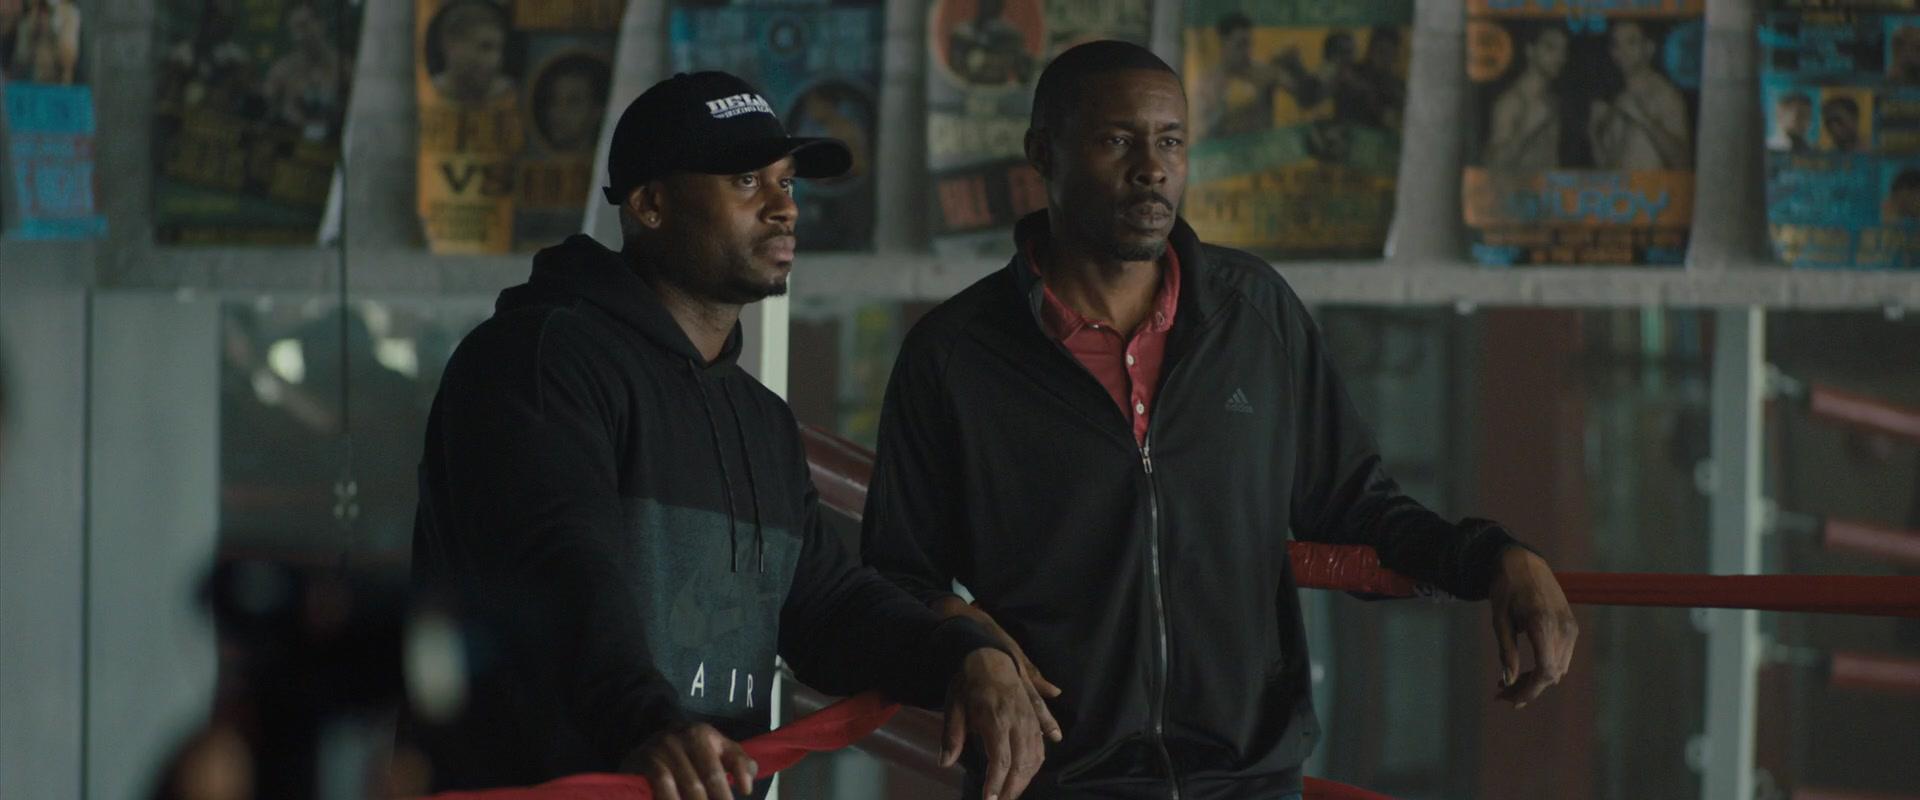 Adidas Black Track Jacket Worn By Wood Harris In Creed 2 2018 Movie